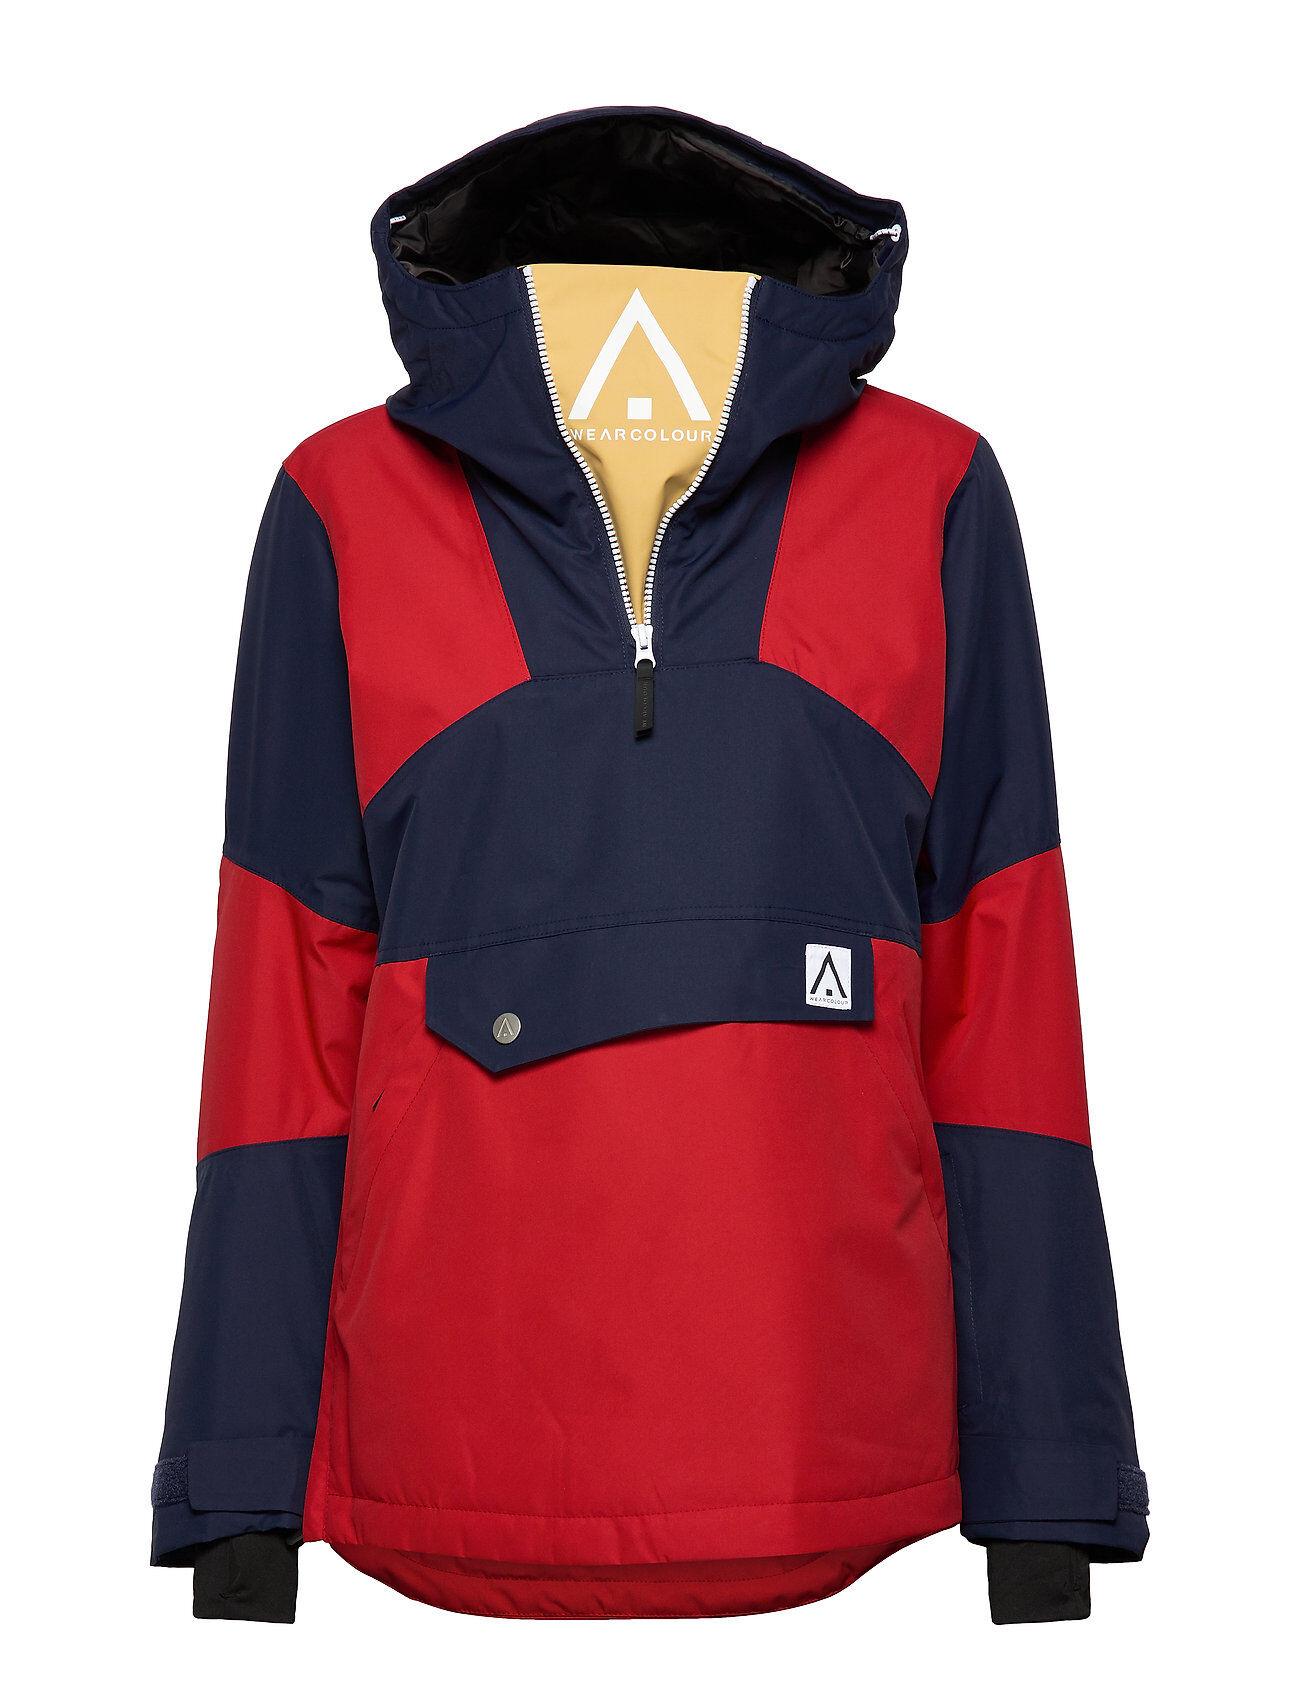 WearColour Homage Anorak Outerwear Sport Jackets Monivärinen/Kuvioitu WearColour